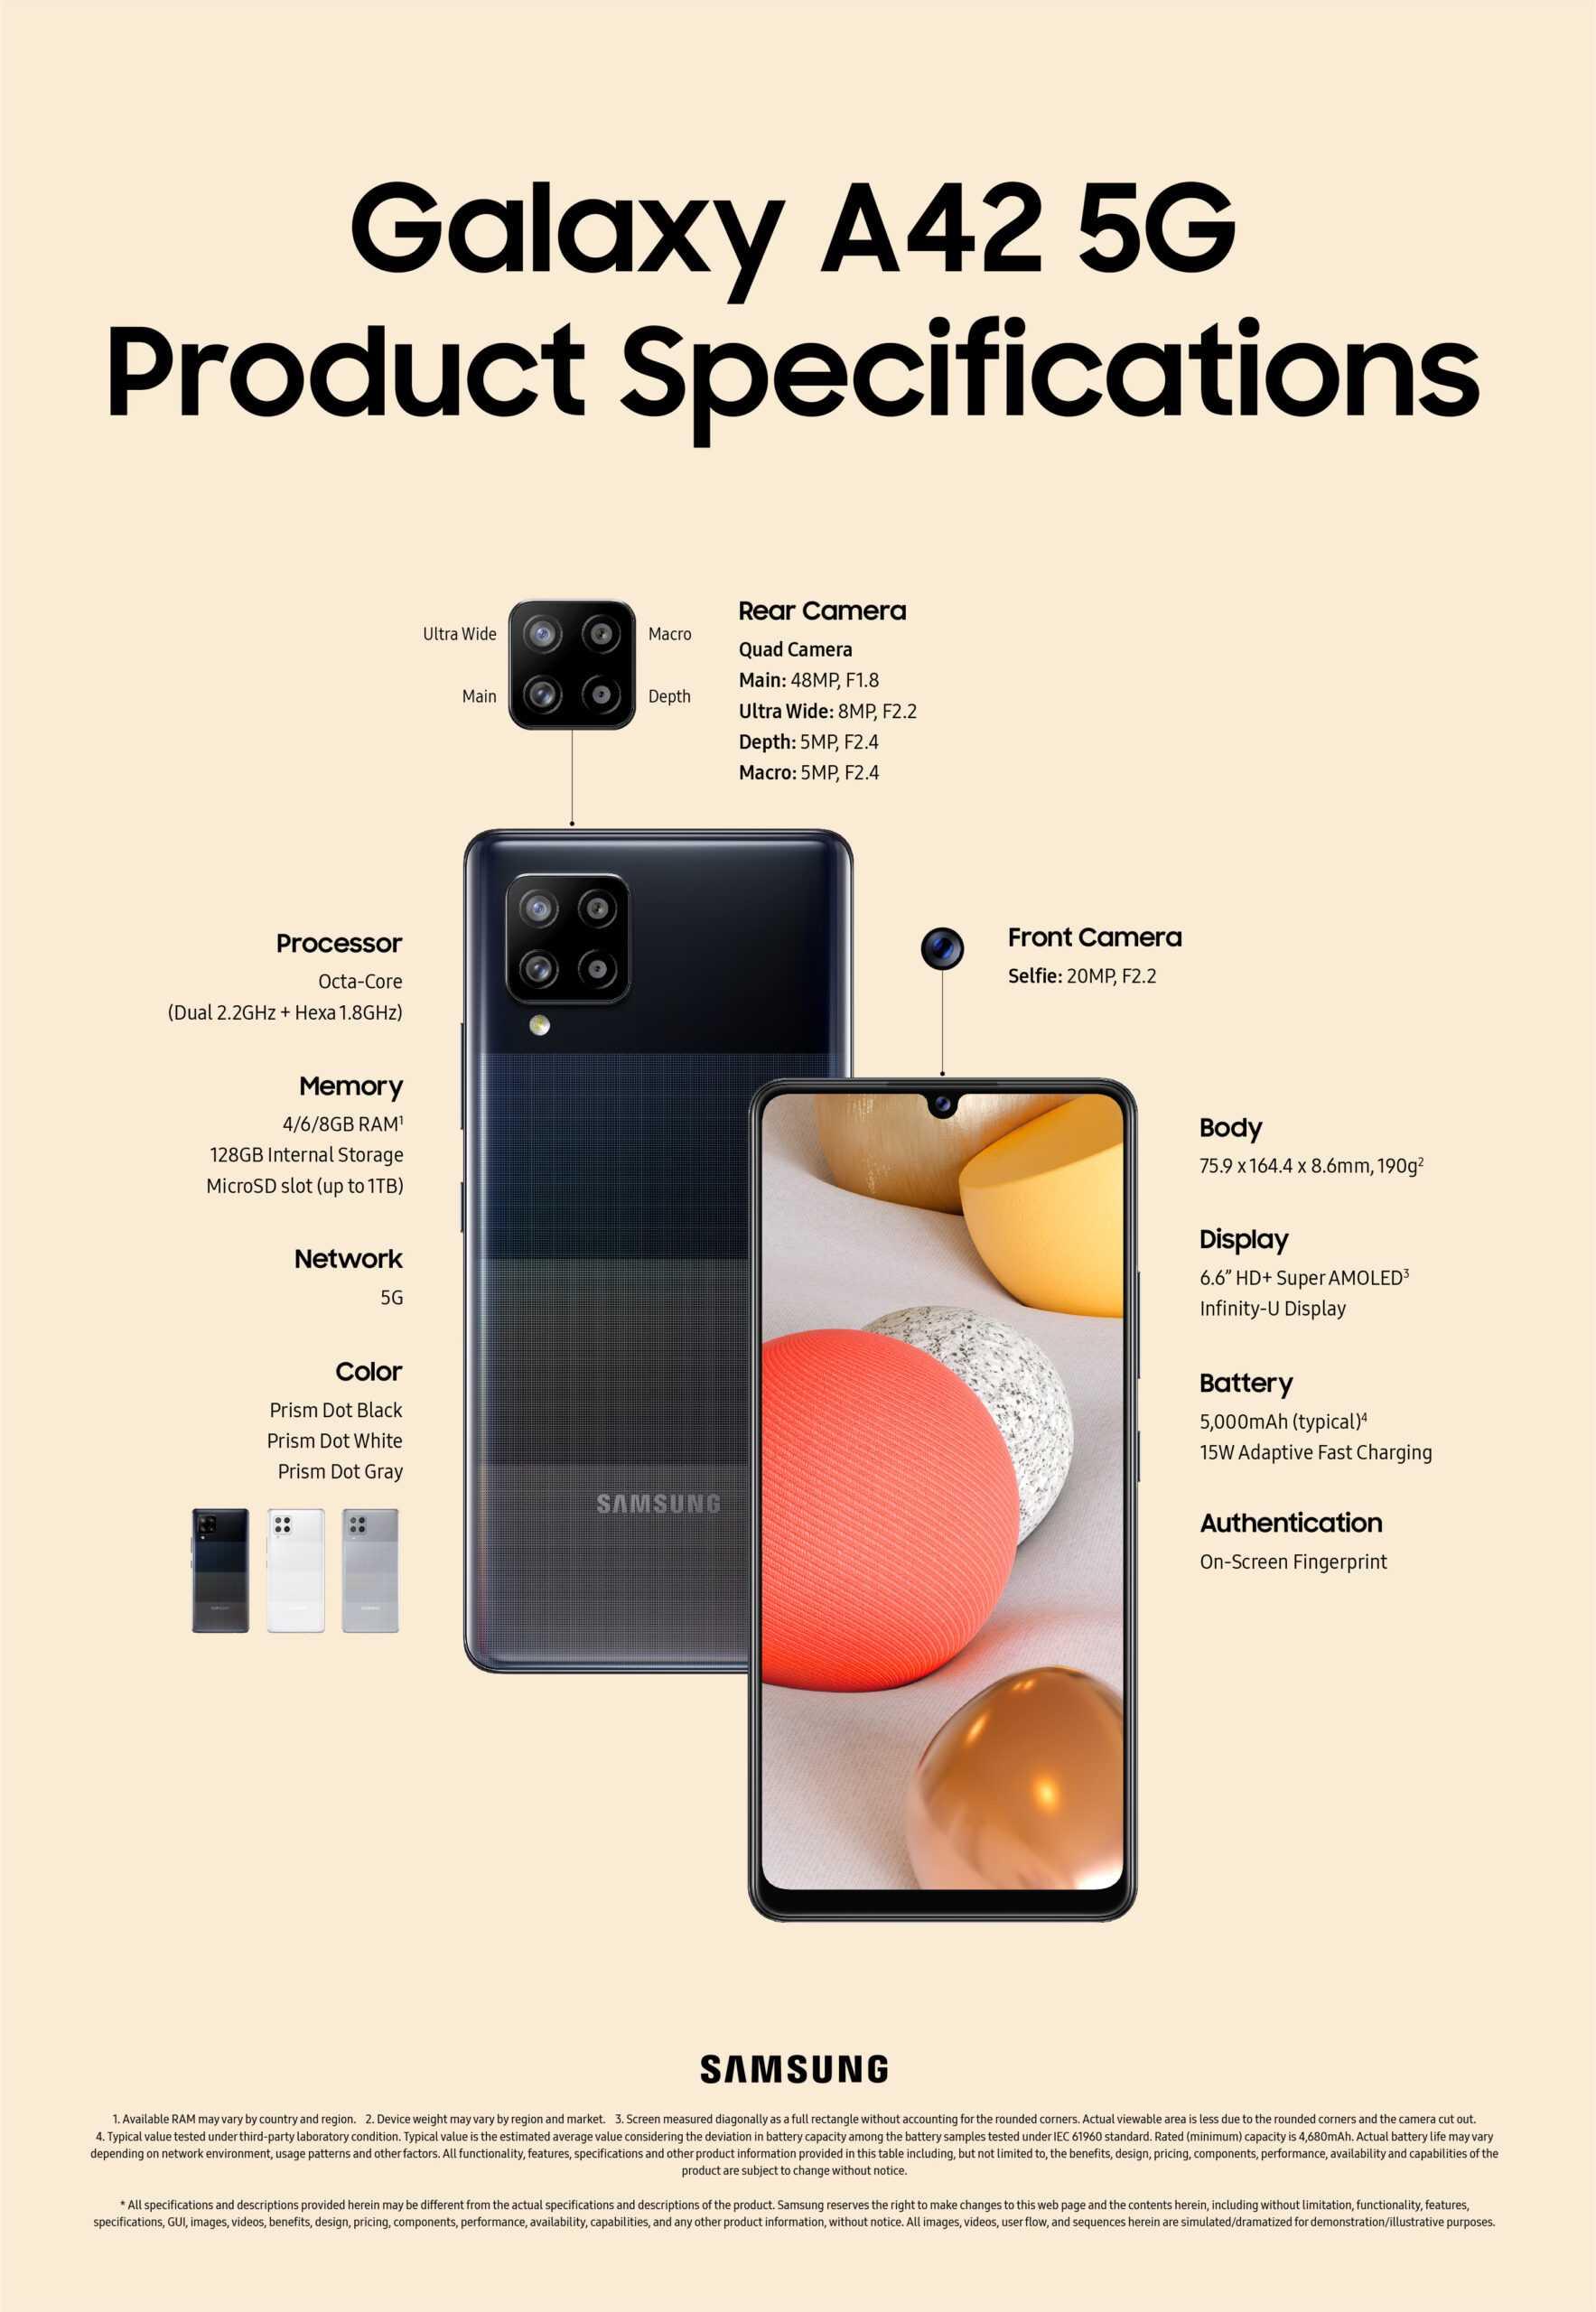 Характеристики Samsung Galaxy A42 5G подтверждены в новой инфографике